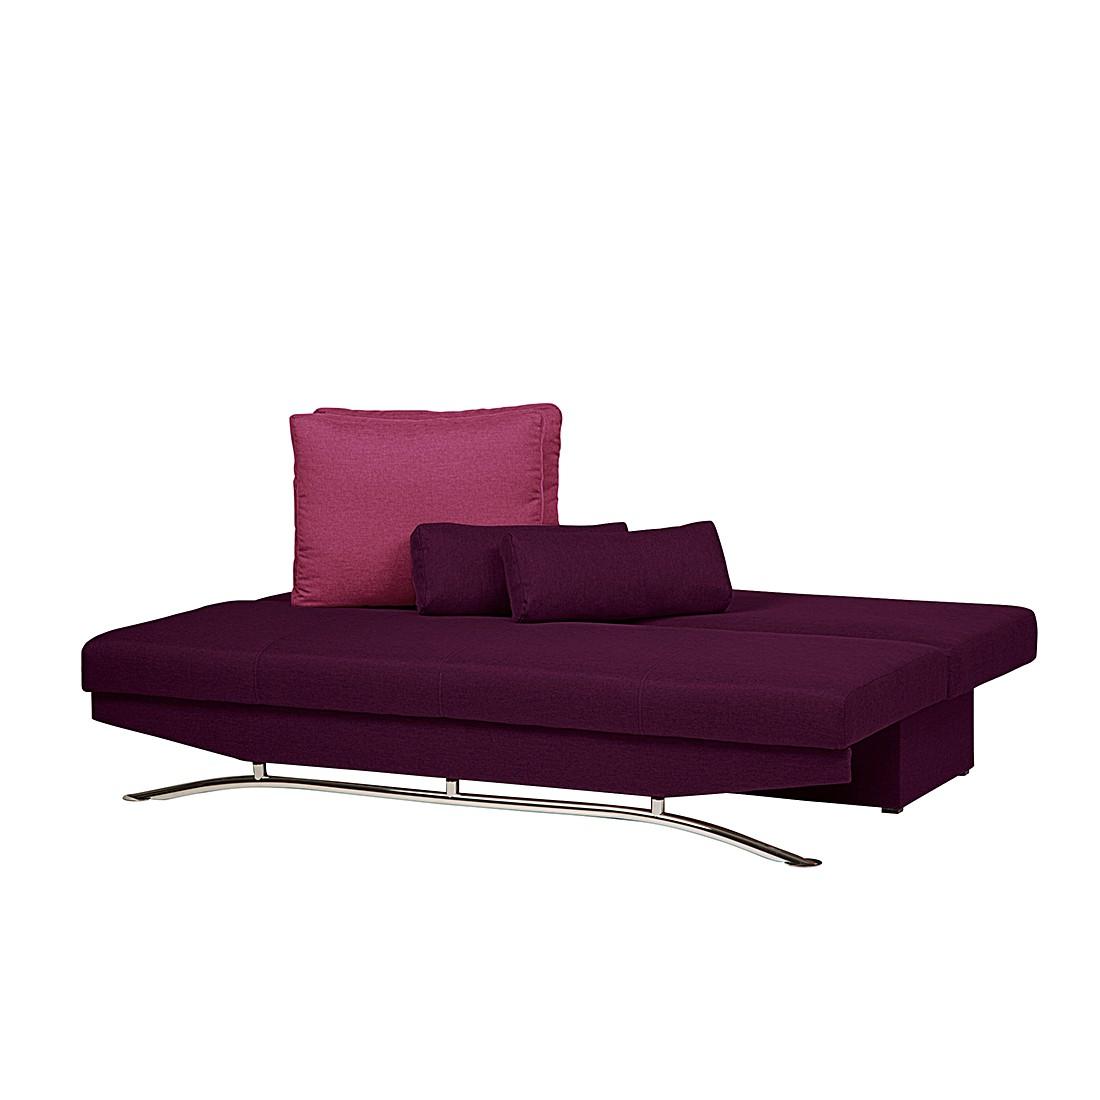 schlafsofa kinderzimmer. Black Bedroom Furniture Sets. Home Design Ideas